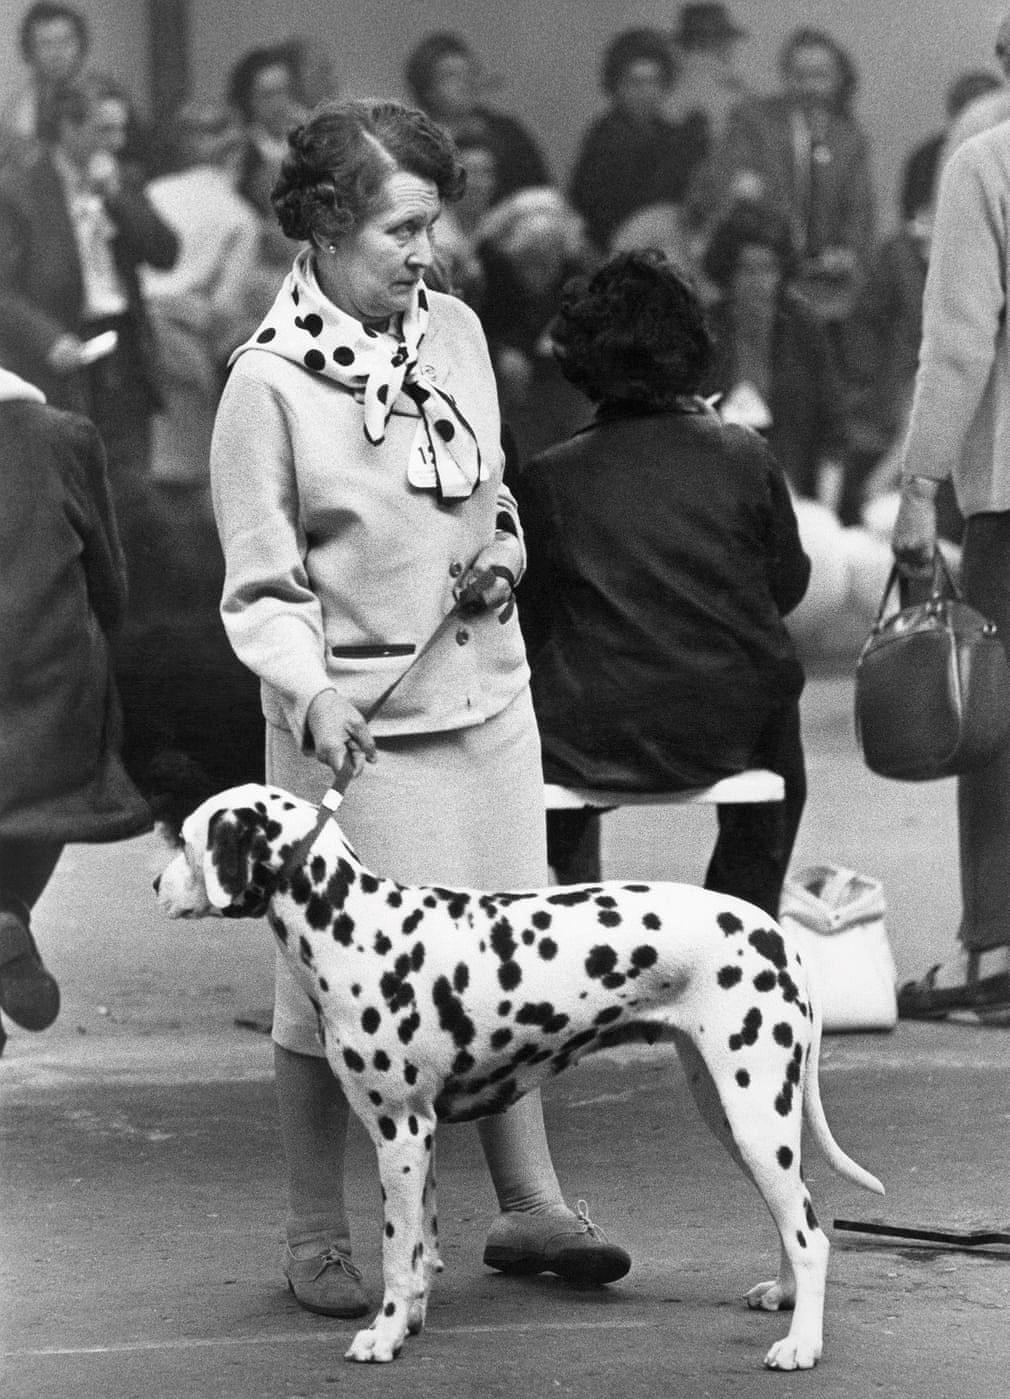 Những bức ảnh đen trắng hiếm có về Dog Show ở Anh giữa thế kỷ 20 Ảnh 3